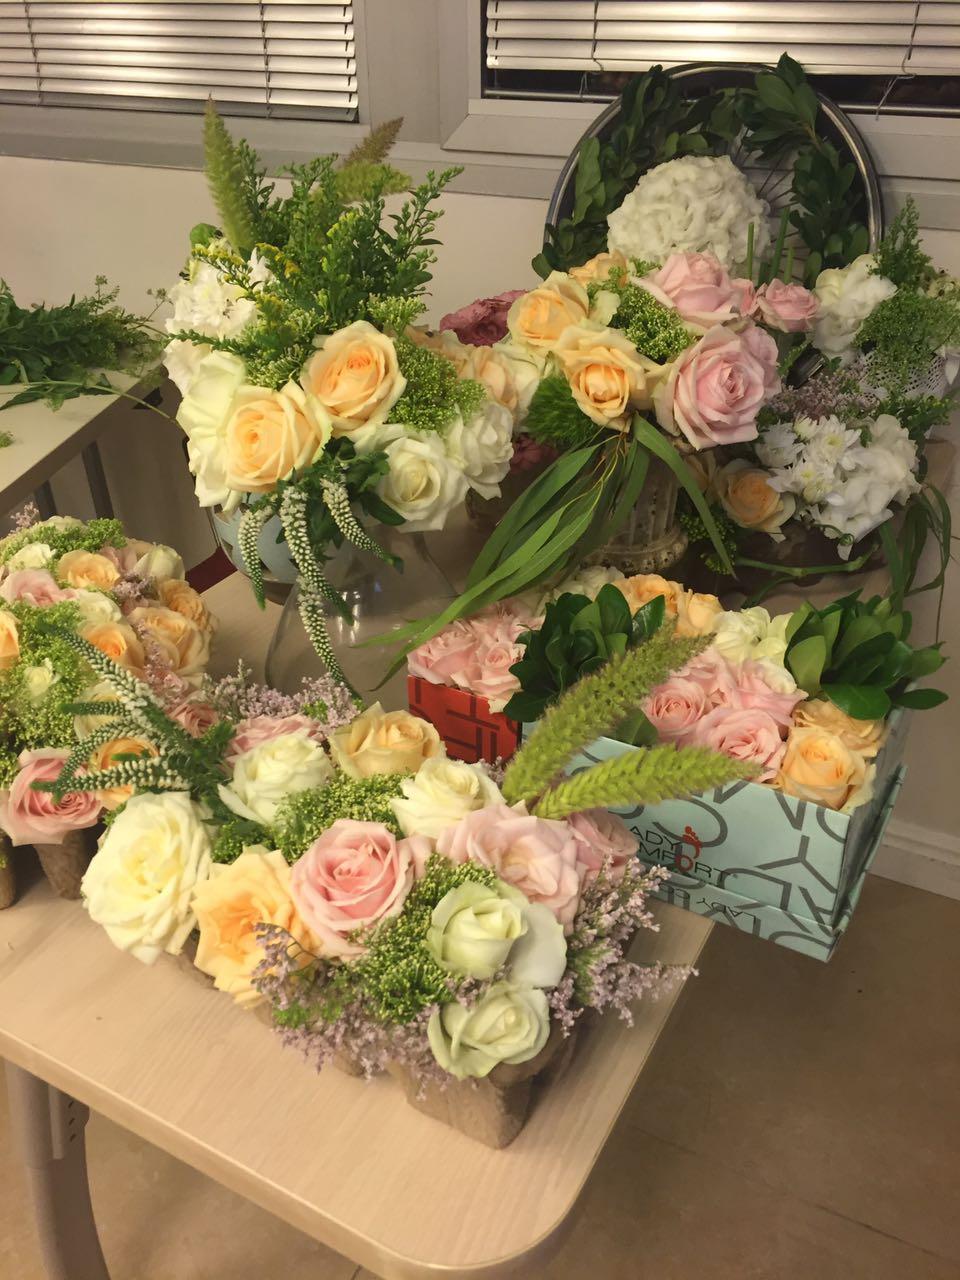 גלרייה - שזירת פרחים - קורס עיצוב ניהול והפקת אירועים מחזור 15, 16 מתוך 22